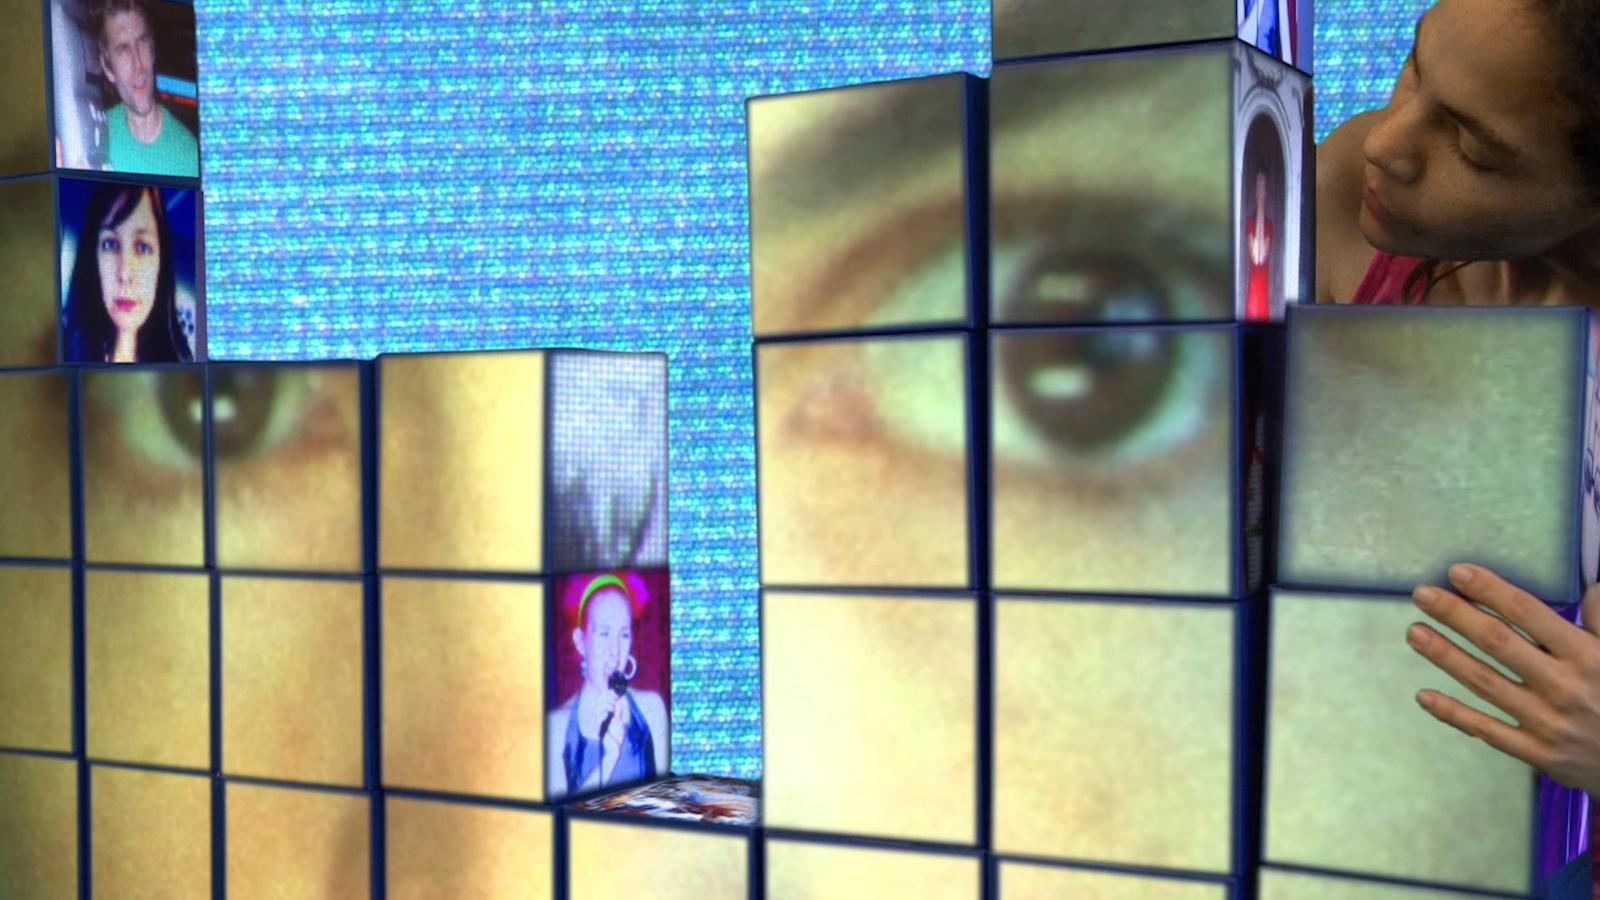 Still from Semi Transparent video art